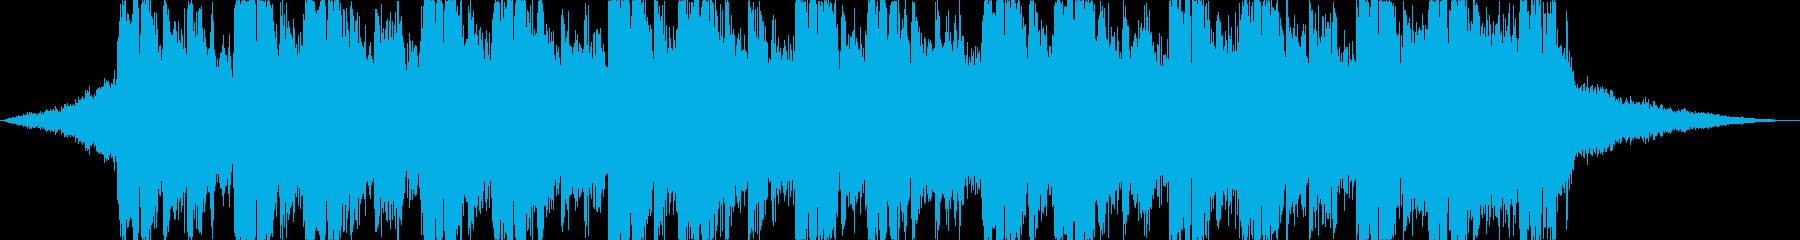 未来感のあるエレクトロニックジングルの再生済みの波形